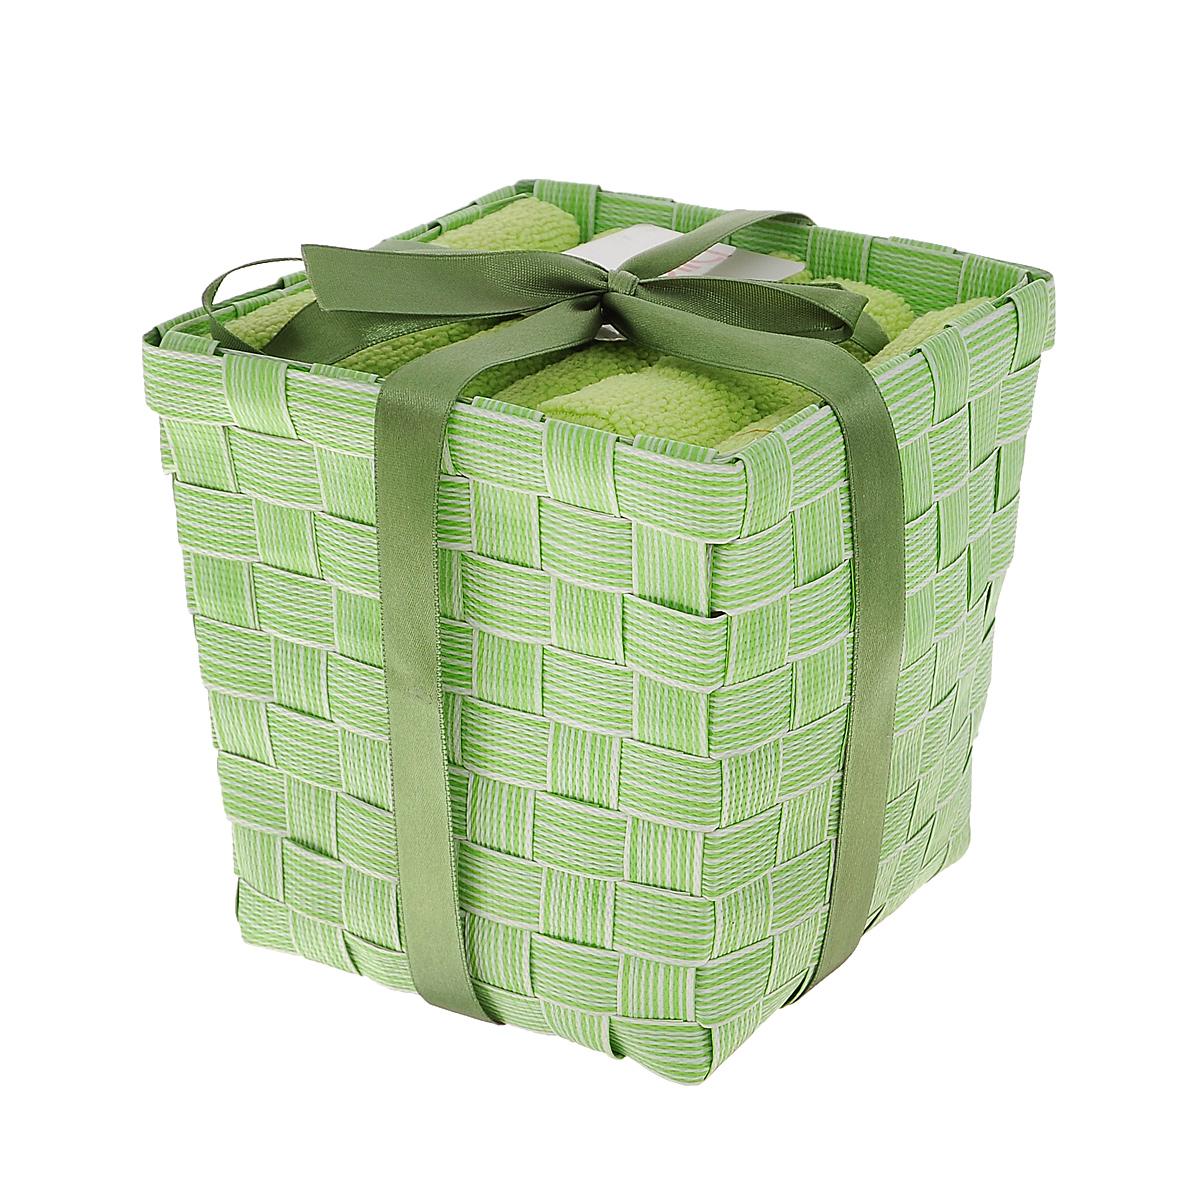 Набор полотенец Miolla, в корзине, цвет: зеленый, 30 см х 50 см, 3 штBTS1032MНабор Miolla состоит из трех прямоугольных полотенец, выполненных из микрофибры. Полотенца мягкие, приятные на ощупь, хорошо впитывают влагу. Для хранения полотенец предусмотрена специальная плетеная корзинка, перевязанная атласной ленточкой. Такой набор станет хорошим подарком для хозяйки и пригодится в быту.